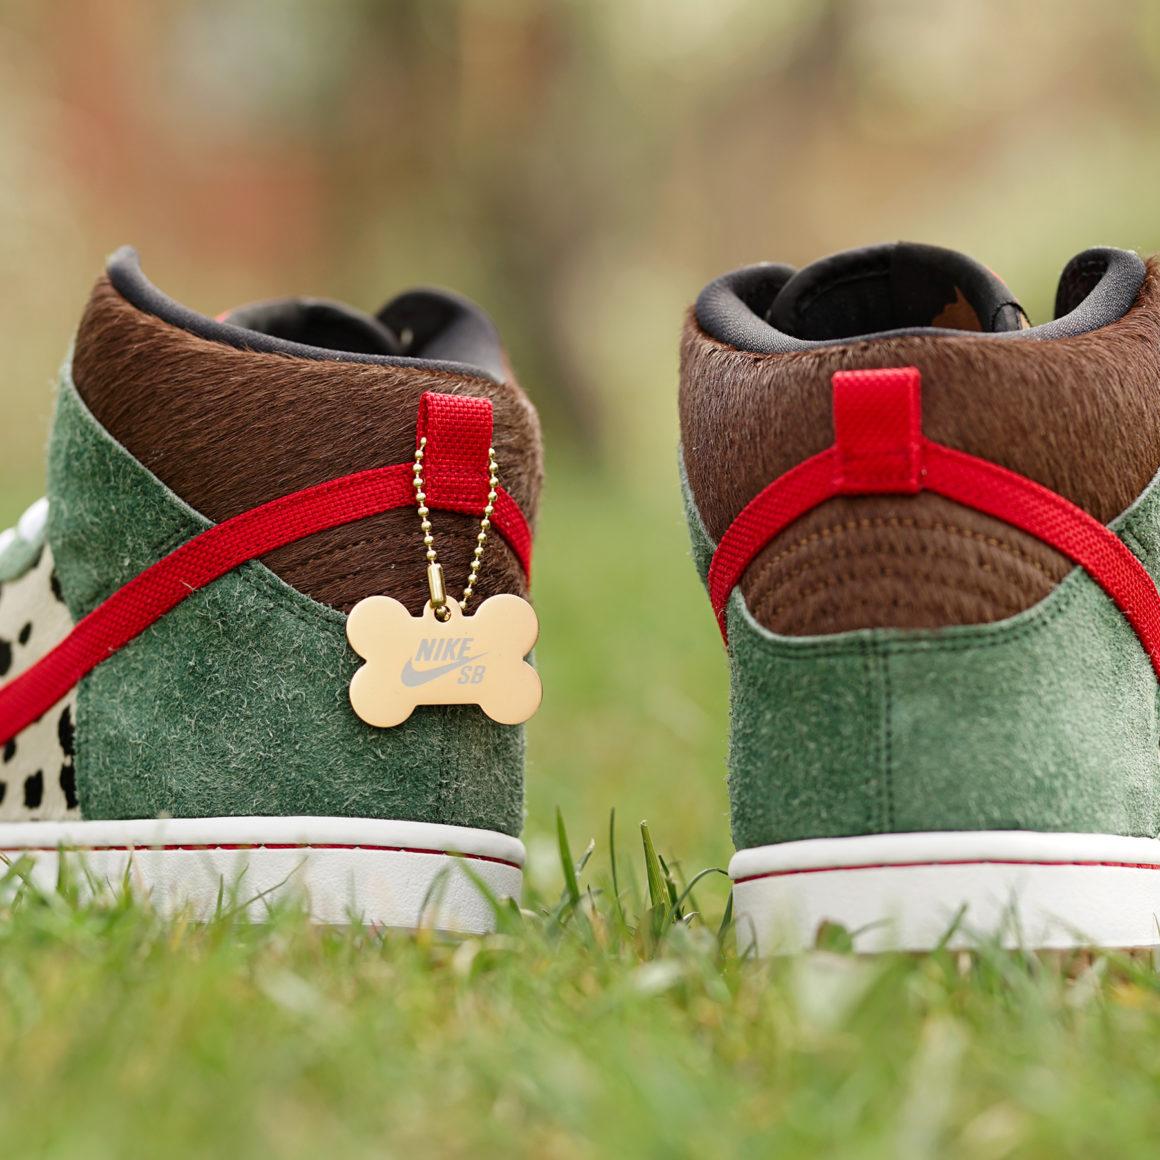 Nike SB Dunk High Pro Walk the Dog